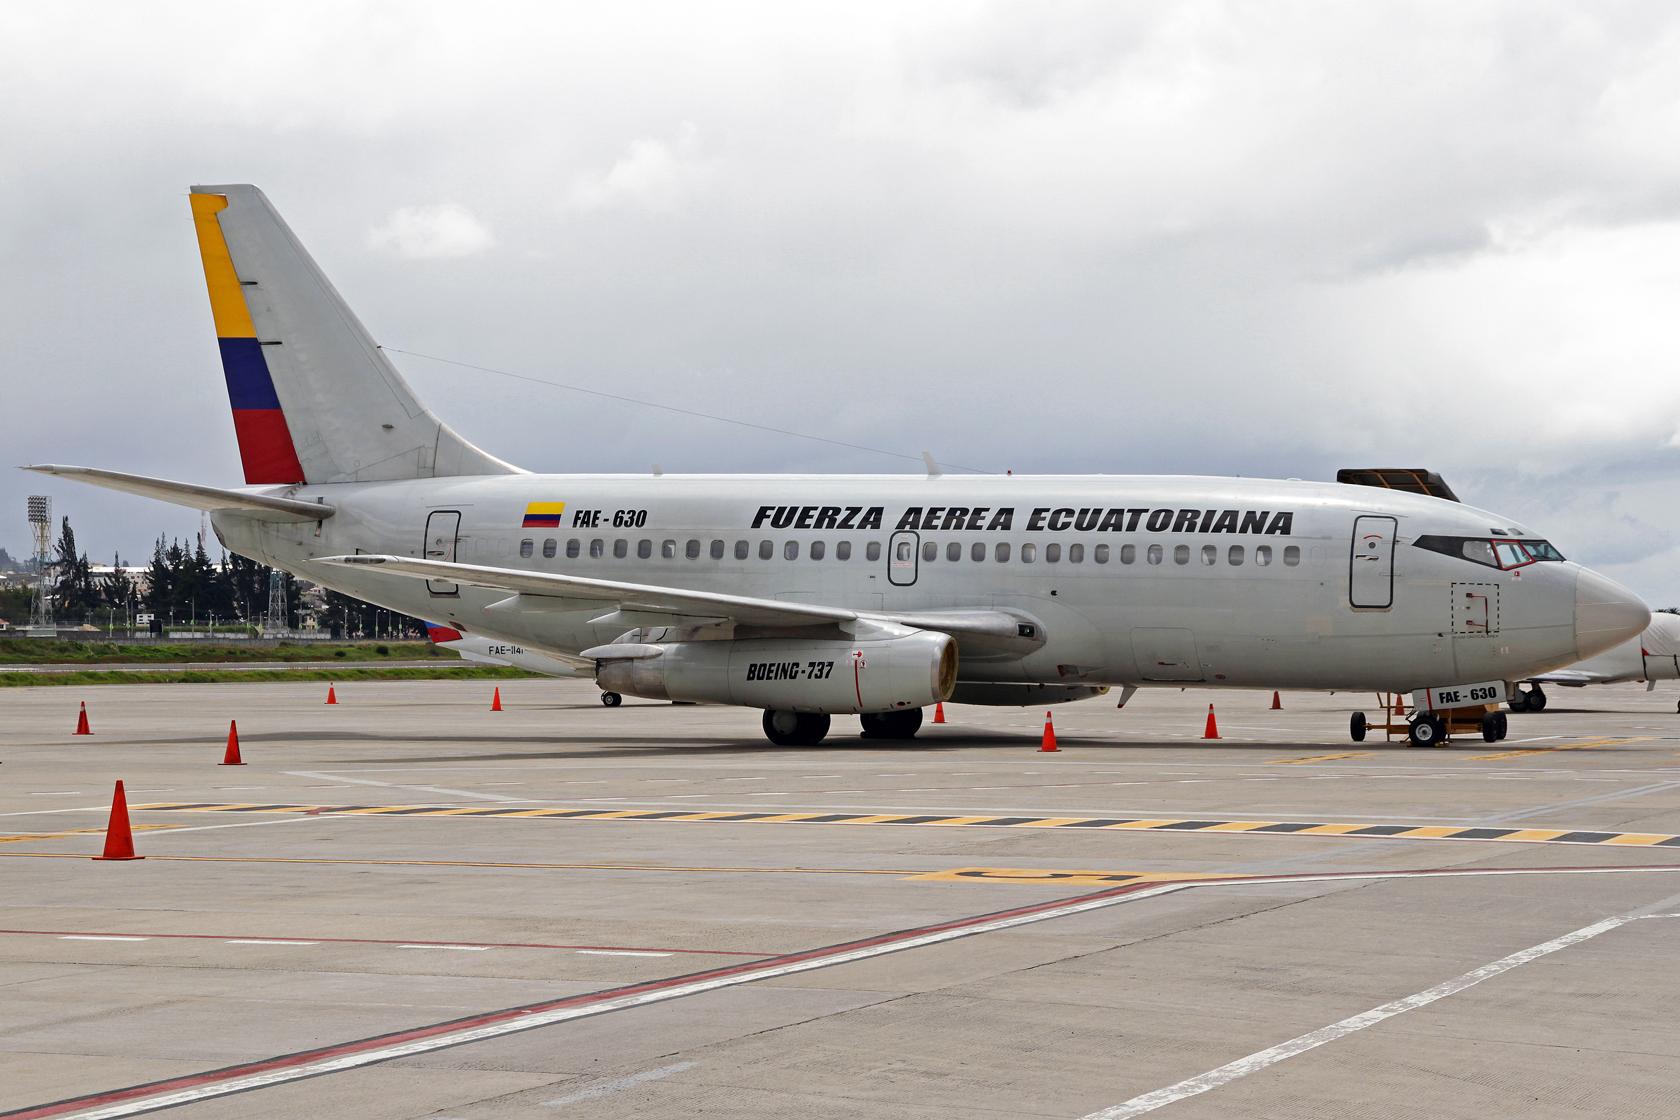 Fuerza Aérea Ecuatoriana Boeing 737-236Adv FAE-630 - Bei dieser Maschine handelt es sich um die ehemalige G-BGDI der British Airways und LV-ZIE der Aerolineas Argentinas.